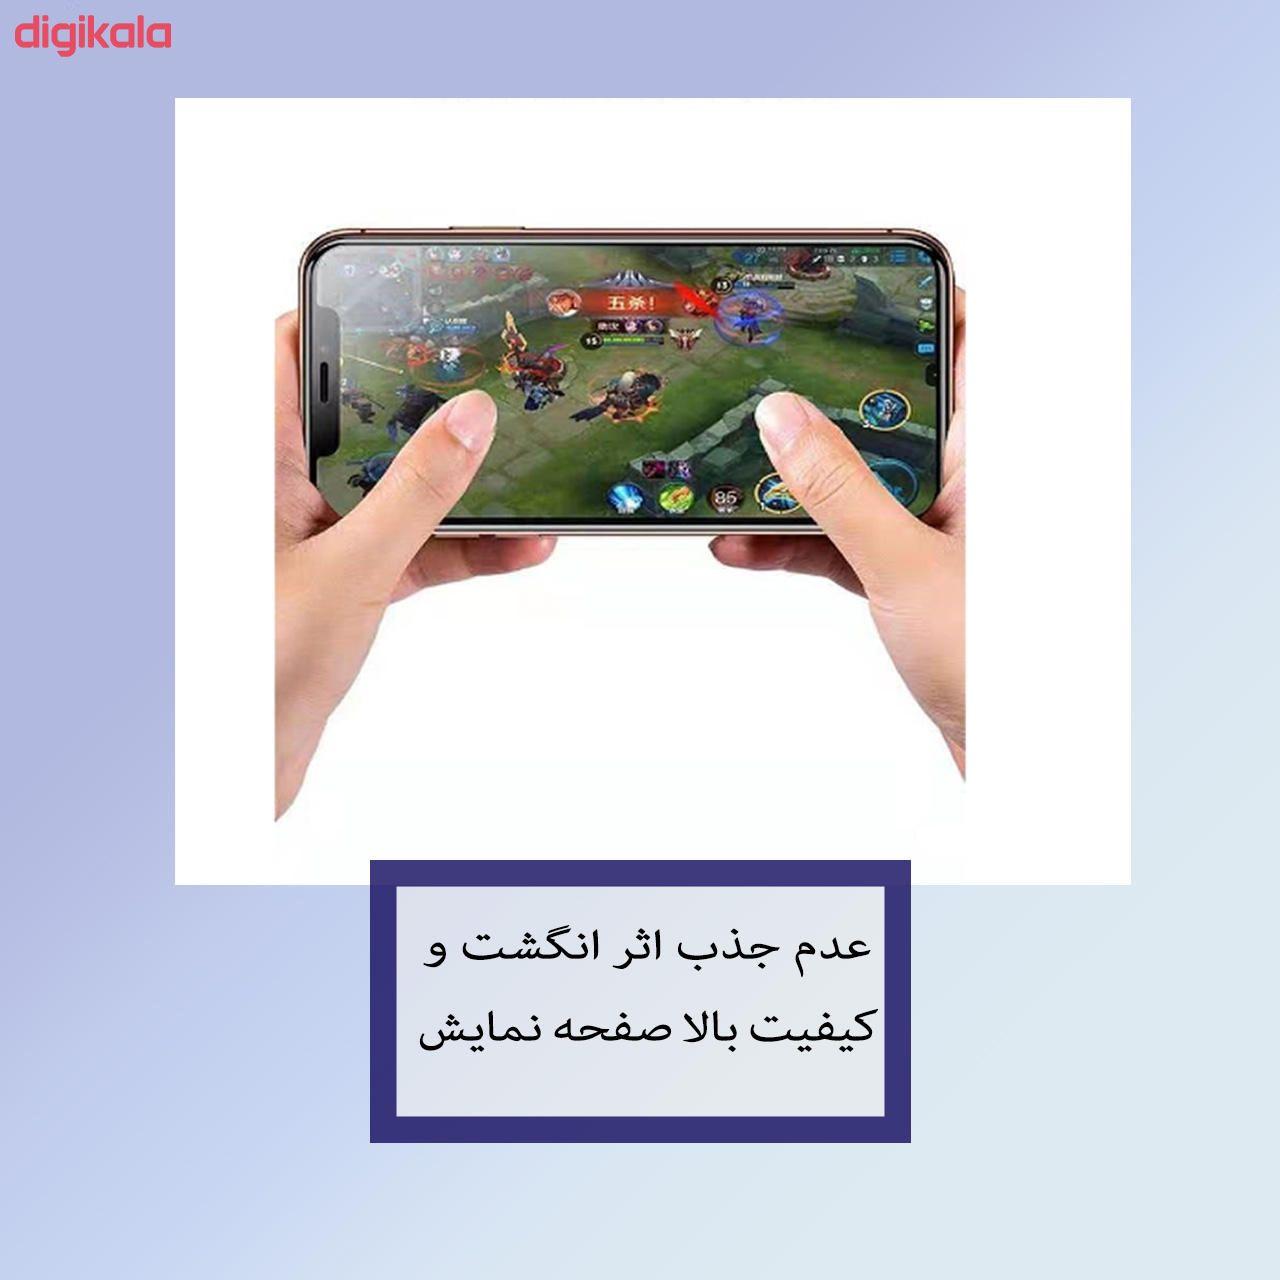 محافظ صفحه نمایش مدل R_CRG مناسب برای گوشی موبایل سامسونگ Galaxy A50 main 1 4